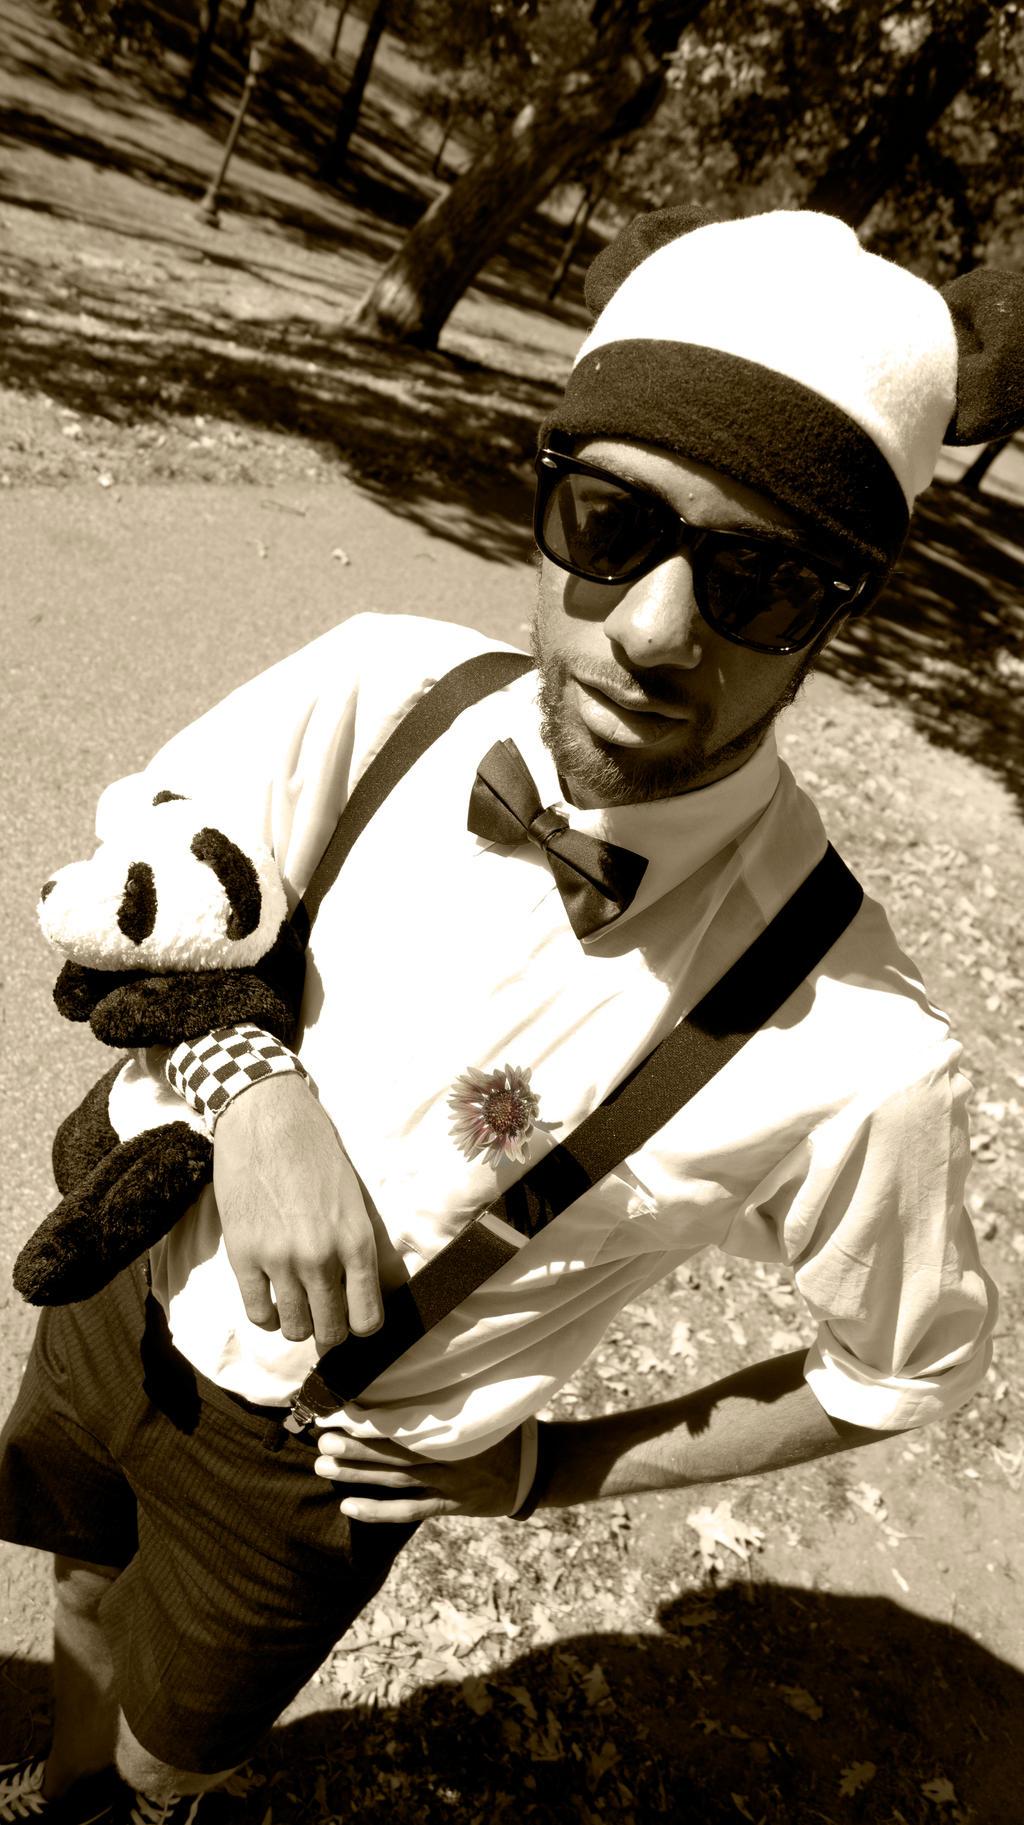 Mr. Panda by FakeStar23